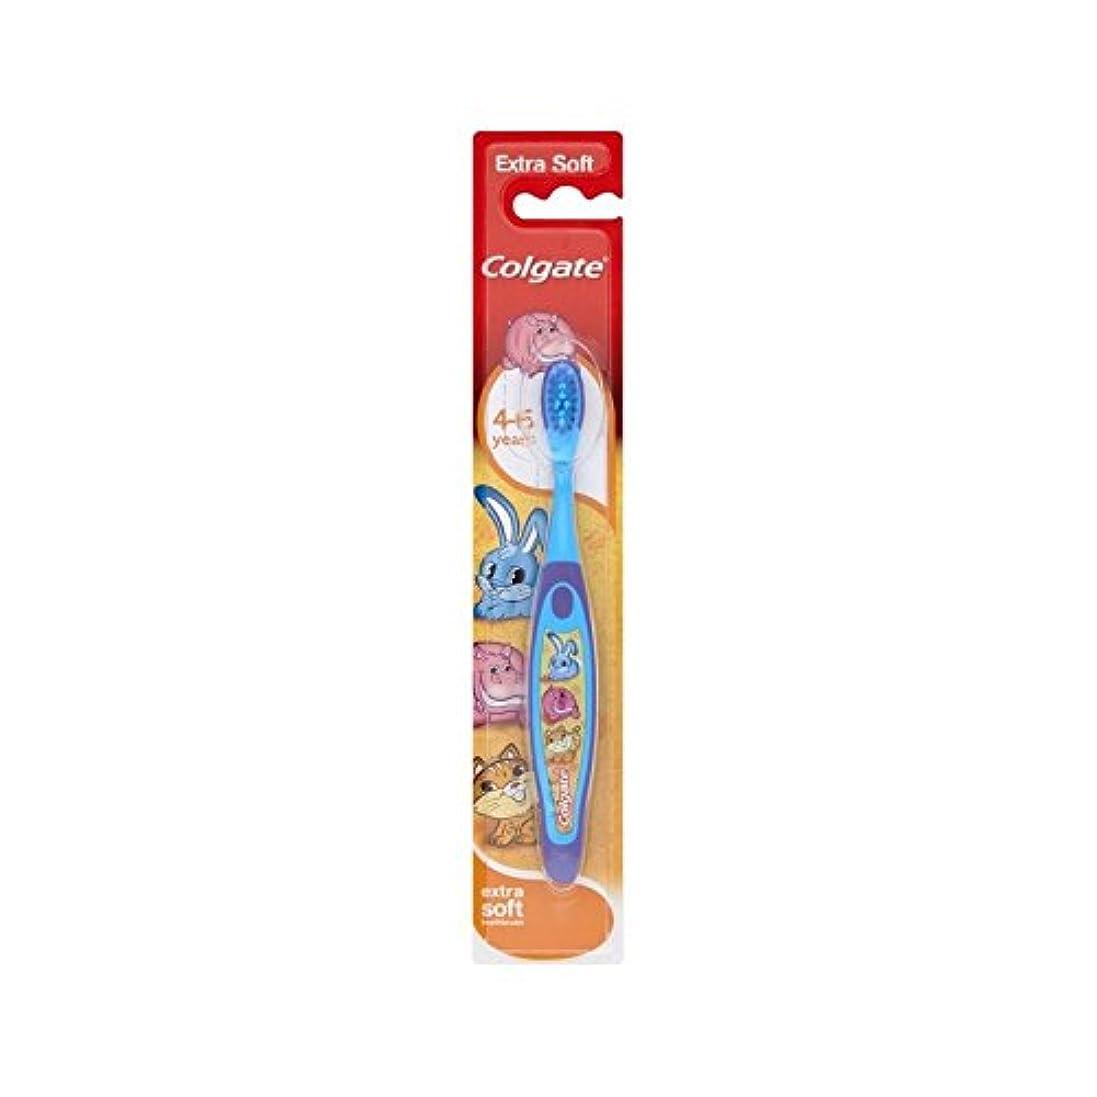 流行不確実国勢調査4-6歳の歯ブラシを笑顔 (Colgate) - Colgate Smiles 4-6 Years Old Toothbrush [並行輸入品]